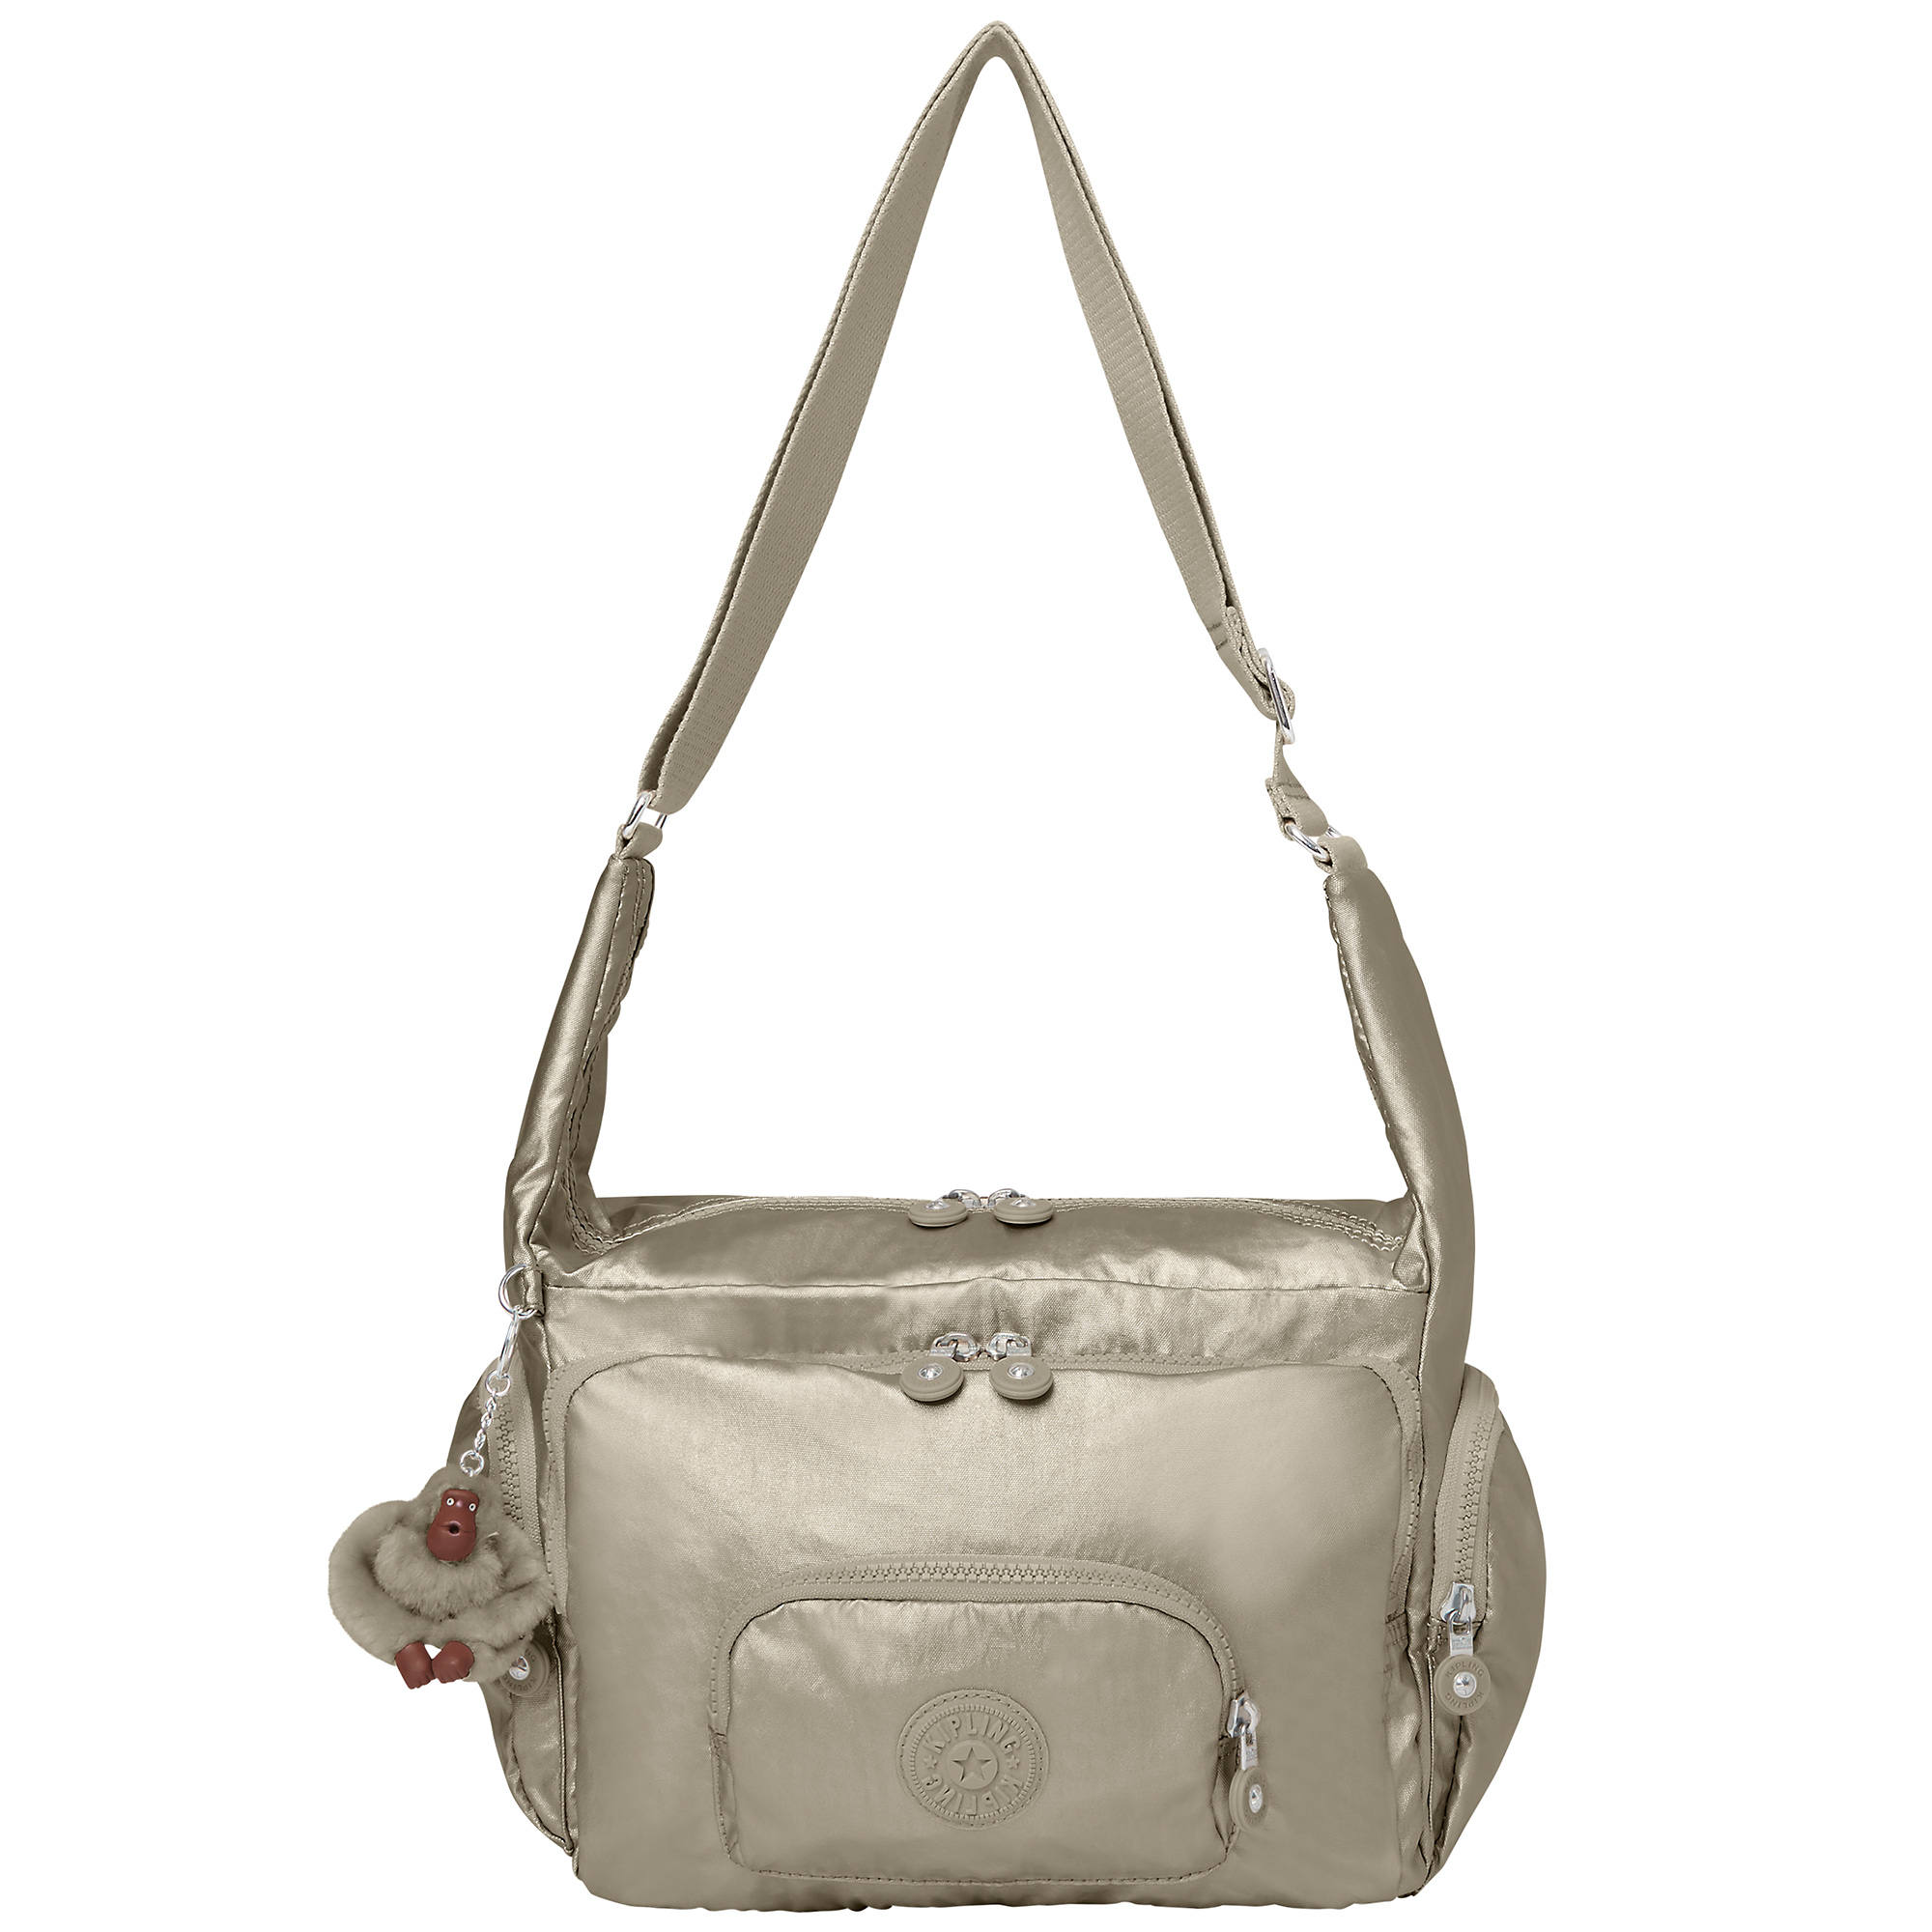 5e404112b93 Erica Metallic Handbag